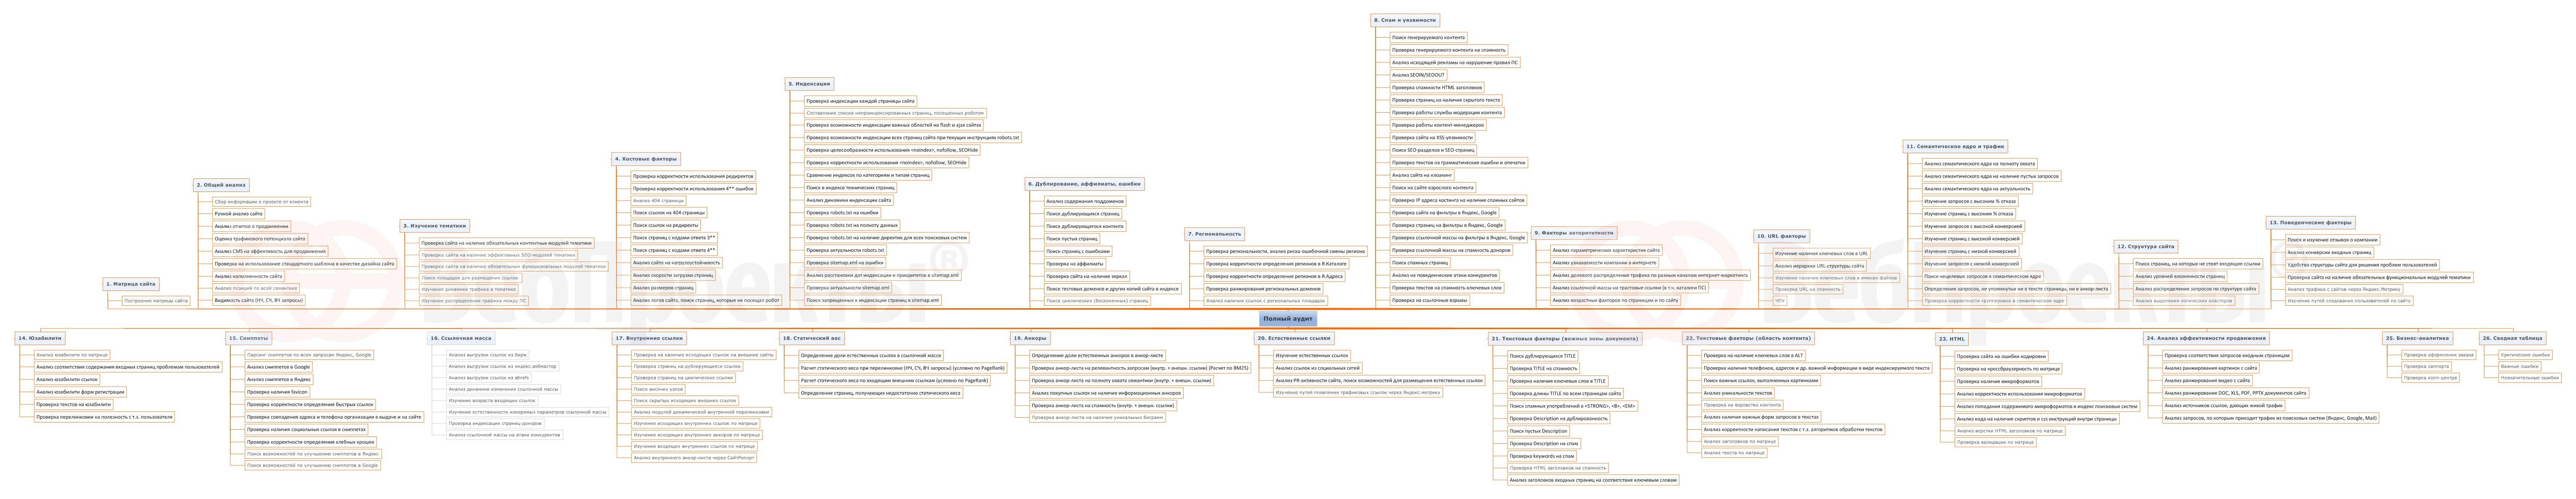 Интеллект-карта «Полный аудит сайта» был разработан на основе занятия Мастер-группы IMBV. Мастер-группа IMBV - это 4 онлайн-занятия в месяц и доступ к базе знаний из 54 видео прошедших занятий, 54 чек-листам и 54 интеллект-картам по интернет-маркетингу и SEO. Присоединяйтесь к Мастер-группе IMBV и со скидкой 500 руб. по промокоду LIST. ->> http://imbv.ru/mg/ Еще больше полезных материалов вы найдете на сервисе SEO CRM - services.seocrm.net